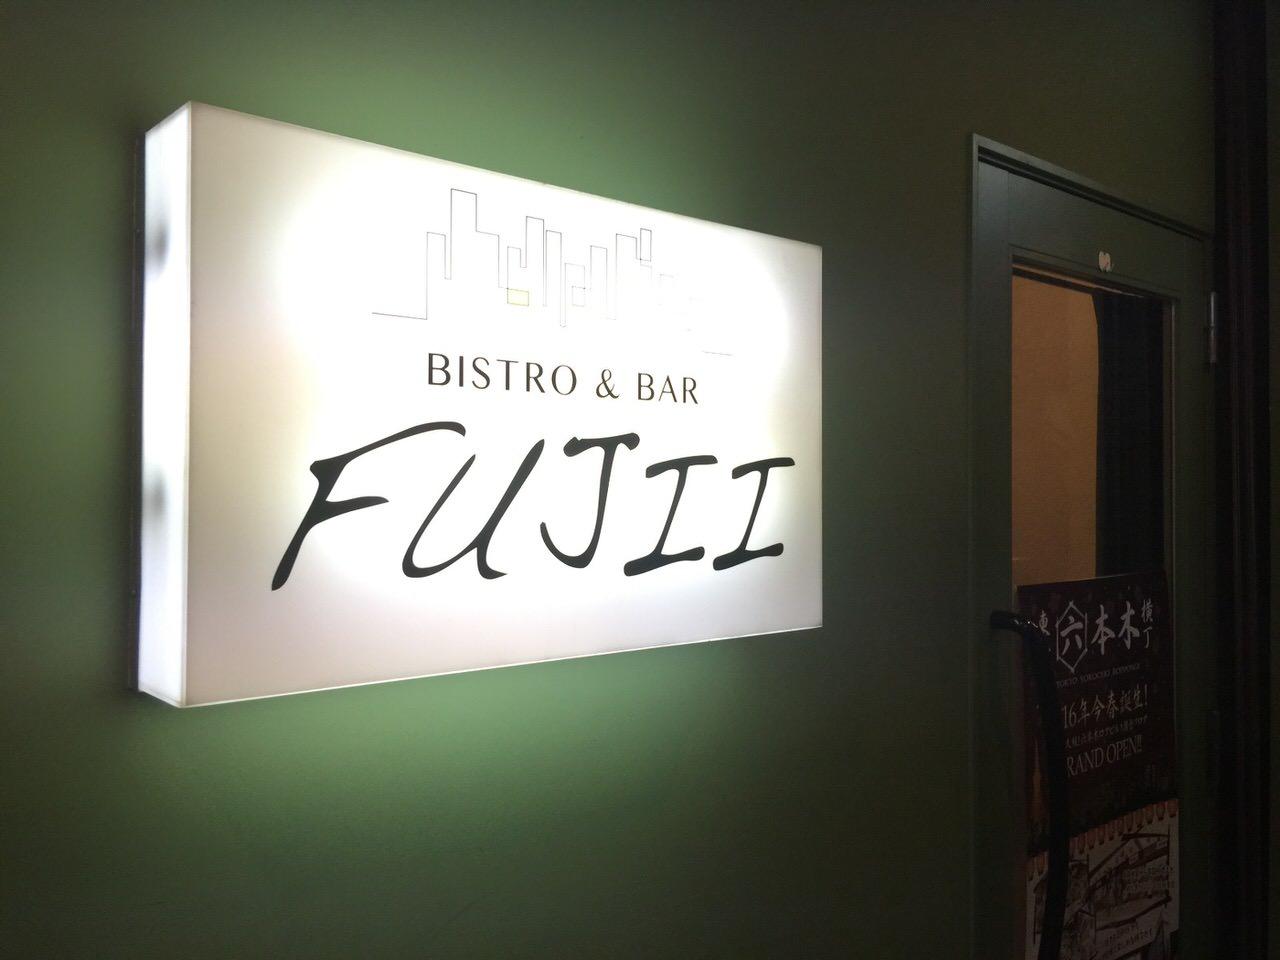 「FUJII(ふじい)」五反田ヒルズにある肉料理の美味しいビストロ&バー